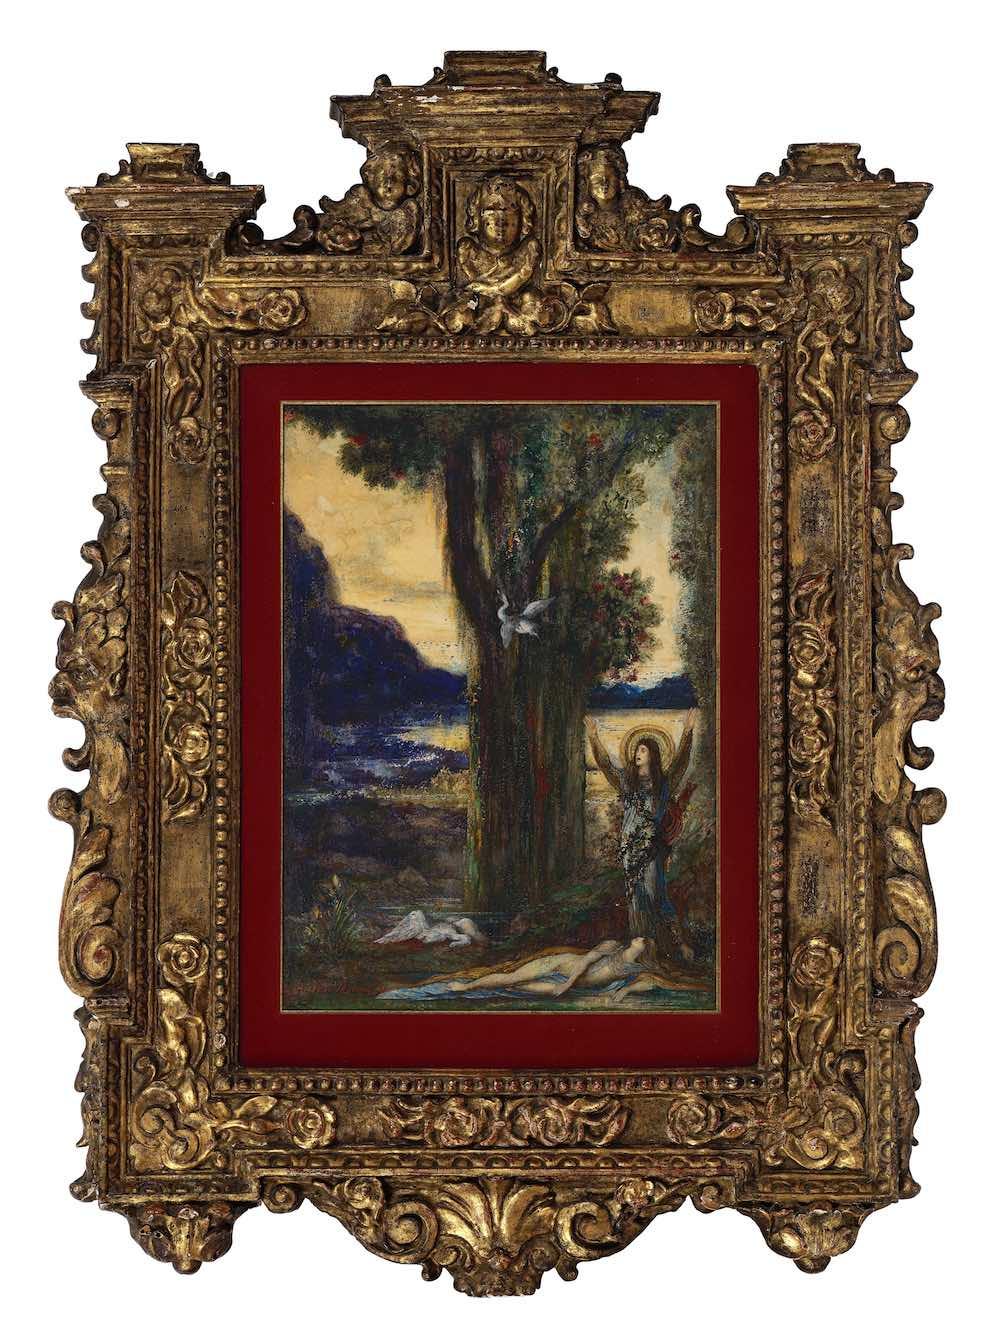 Une minute avec Gustave Moreau - Galerie de la Présidence